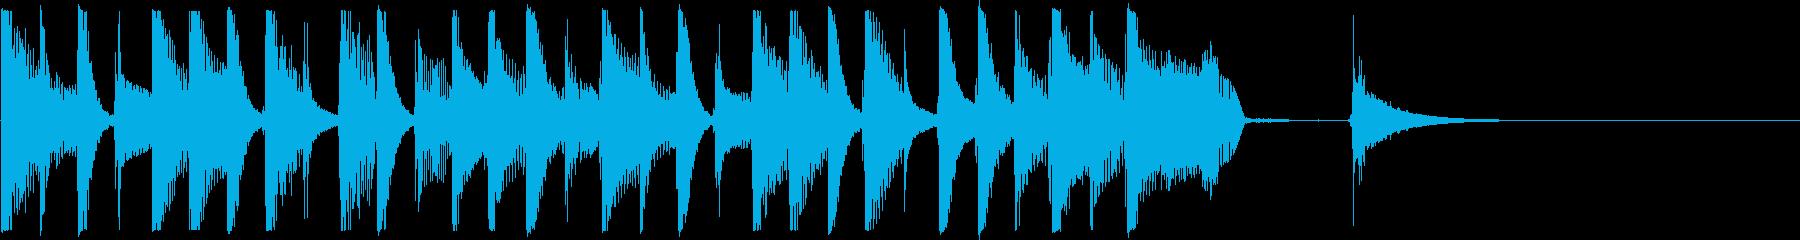 ジングル5秒でほのぼの♪軽快楽しい日常♪の再生済みの波形